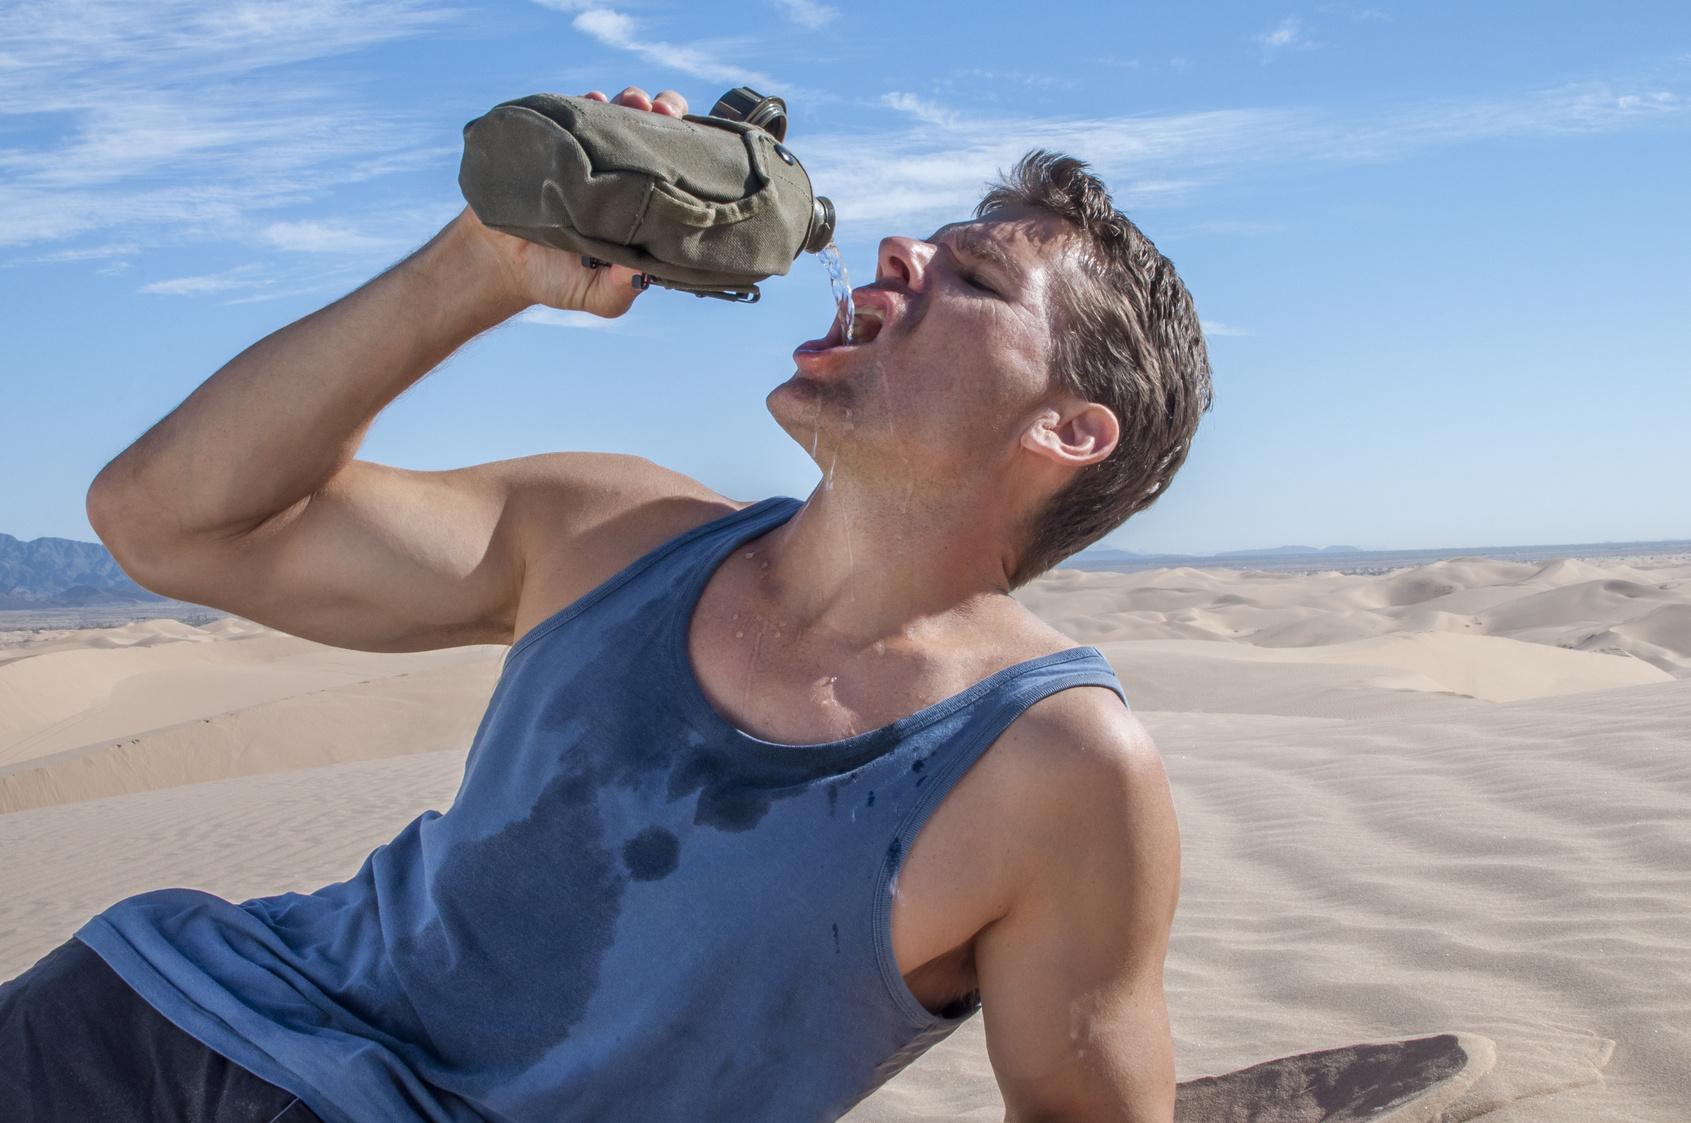 Сигнал засухи: Как понять, что организму не хватает воды?